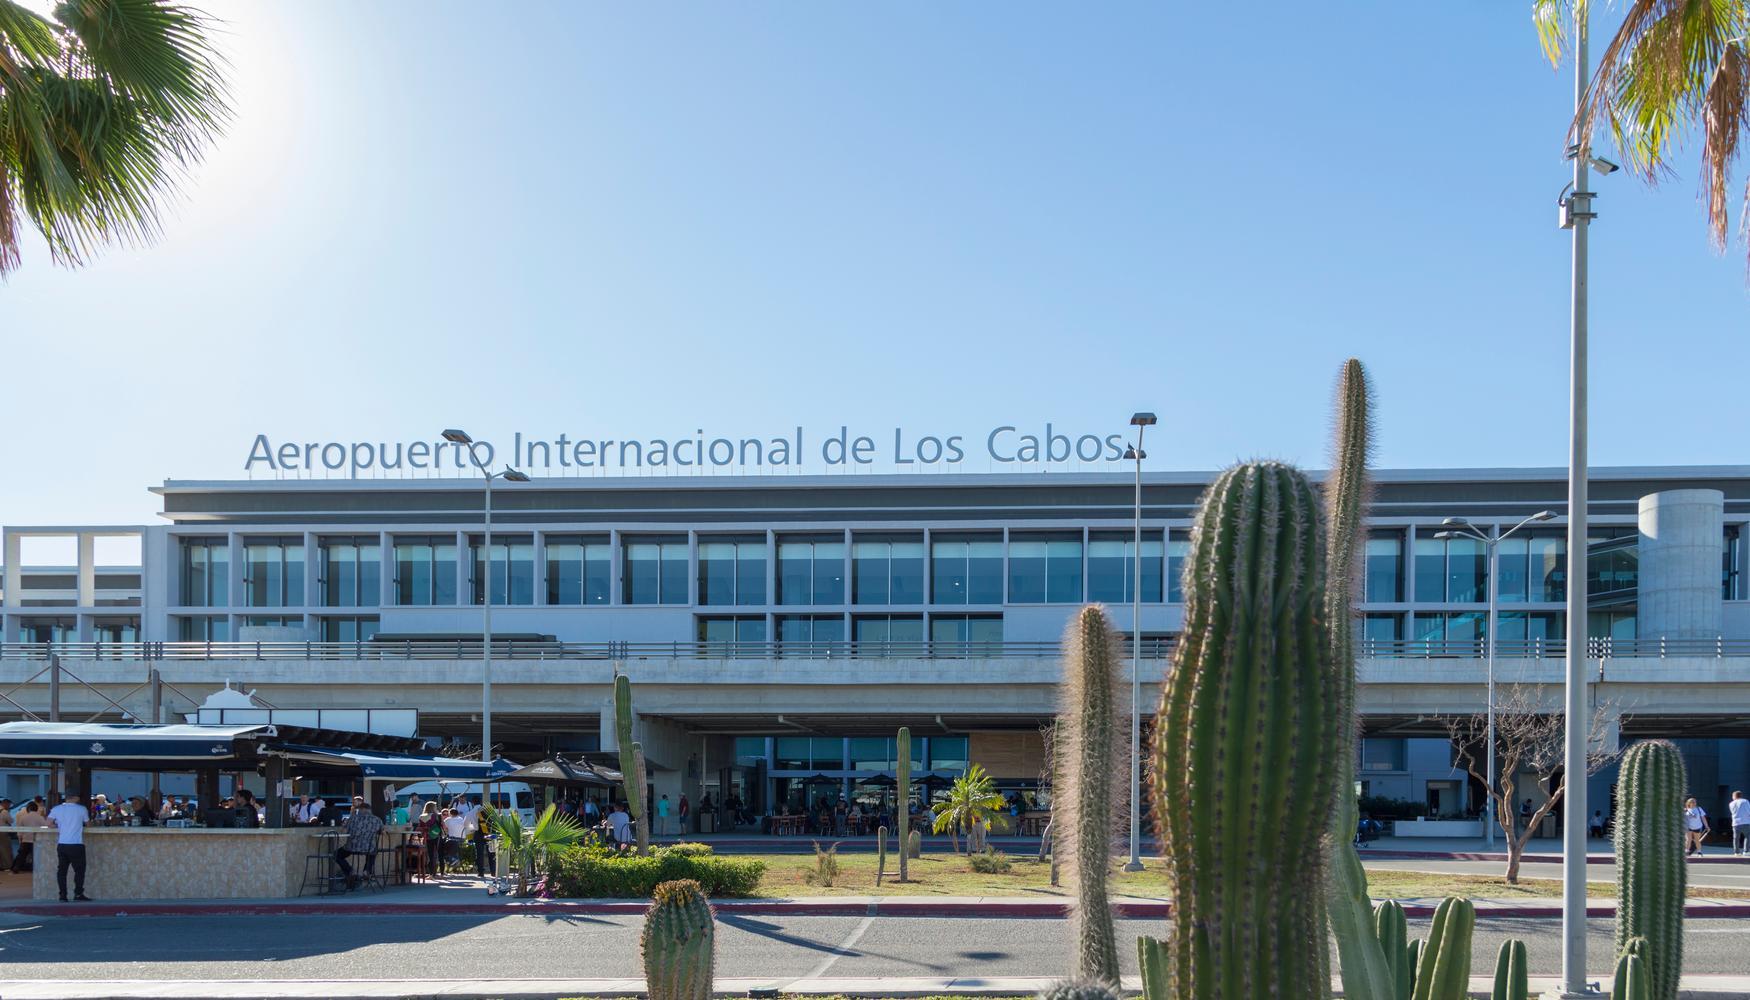 Ενοικίαση αυτοκίνητου στο Αεροδρόμιο San José del Cabo Los Cabos